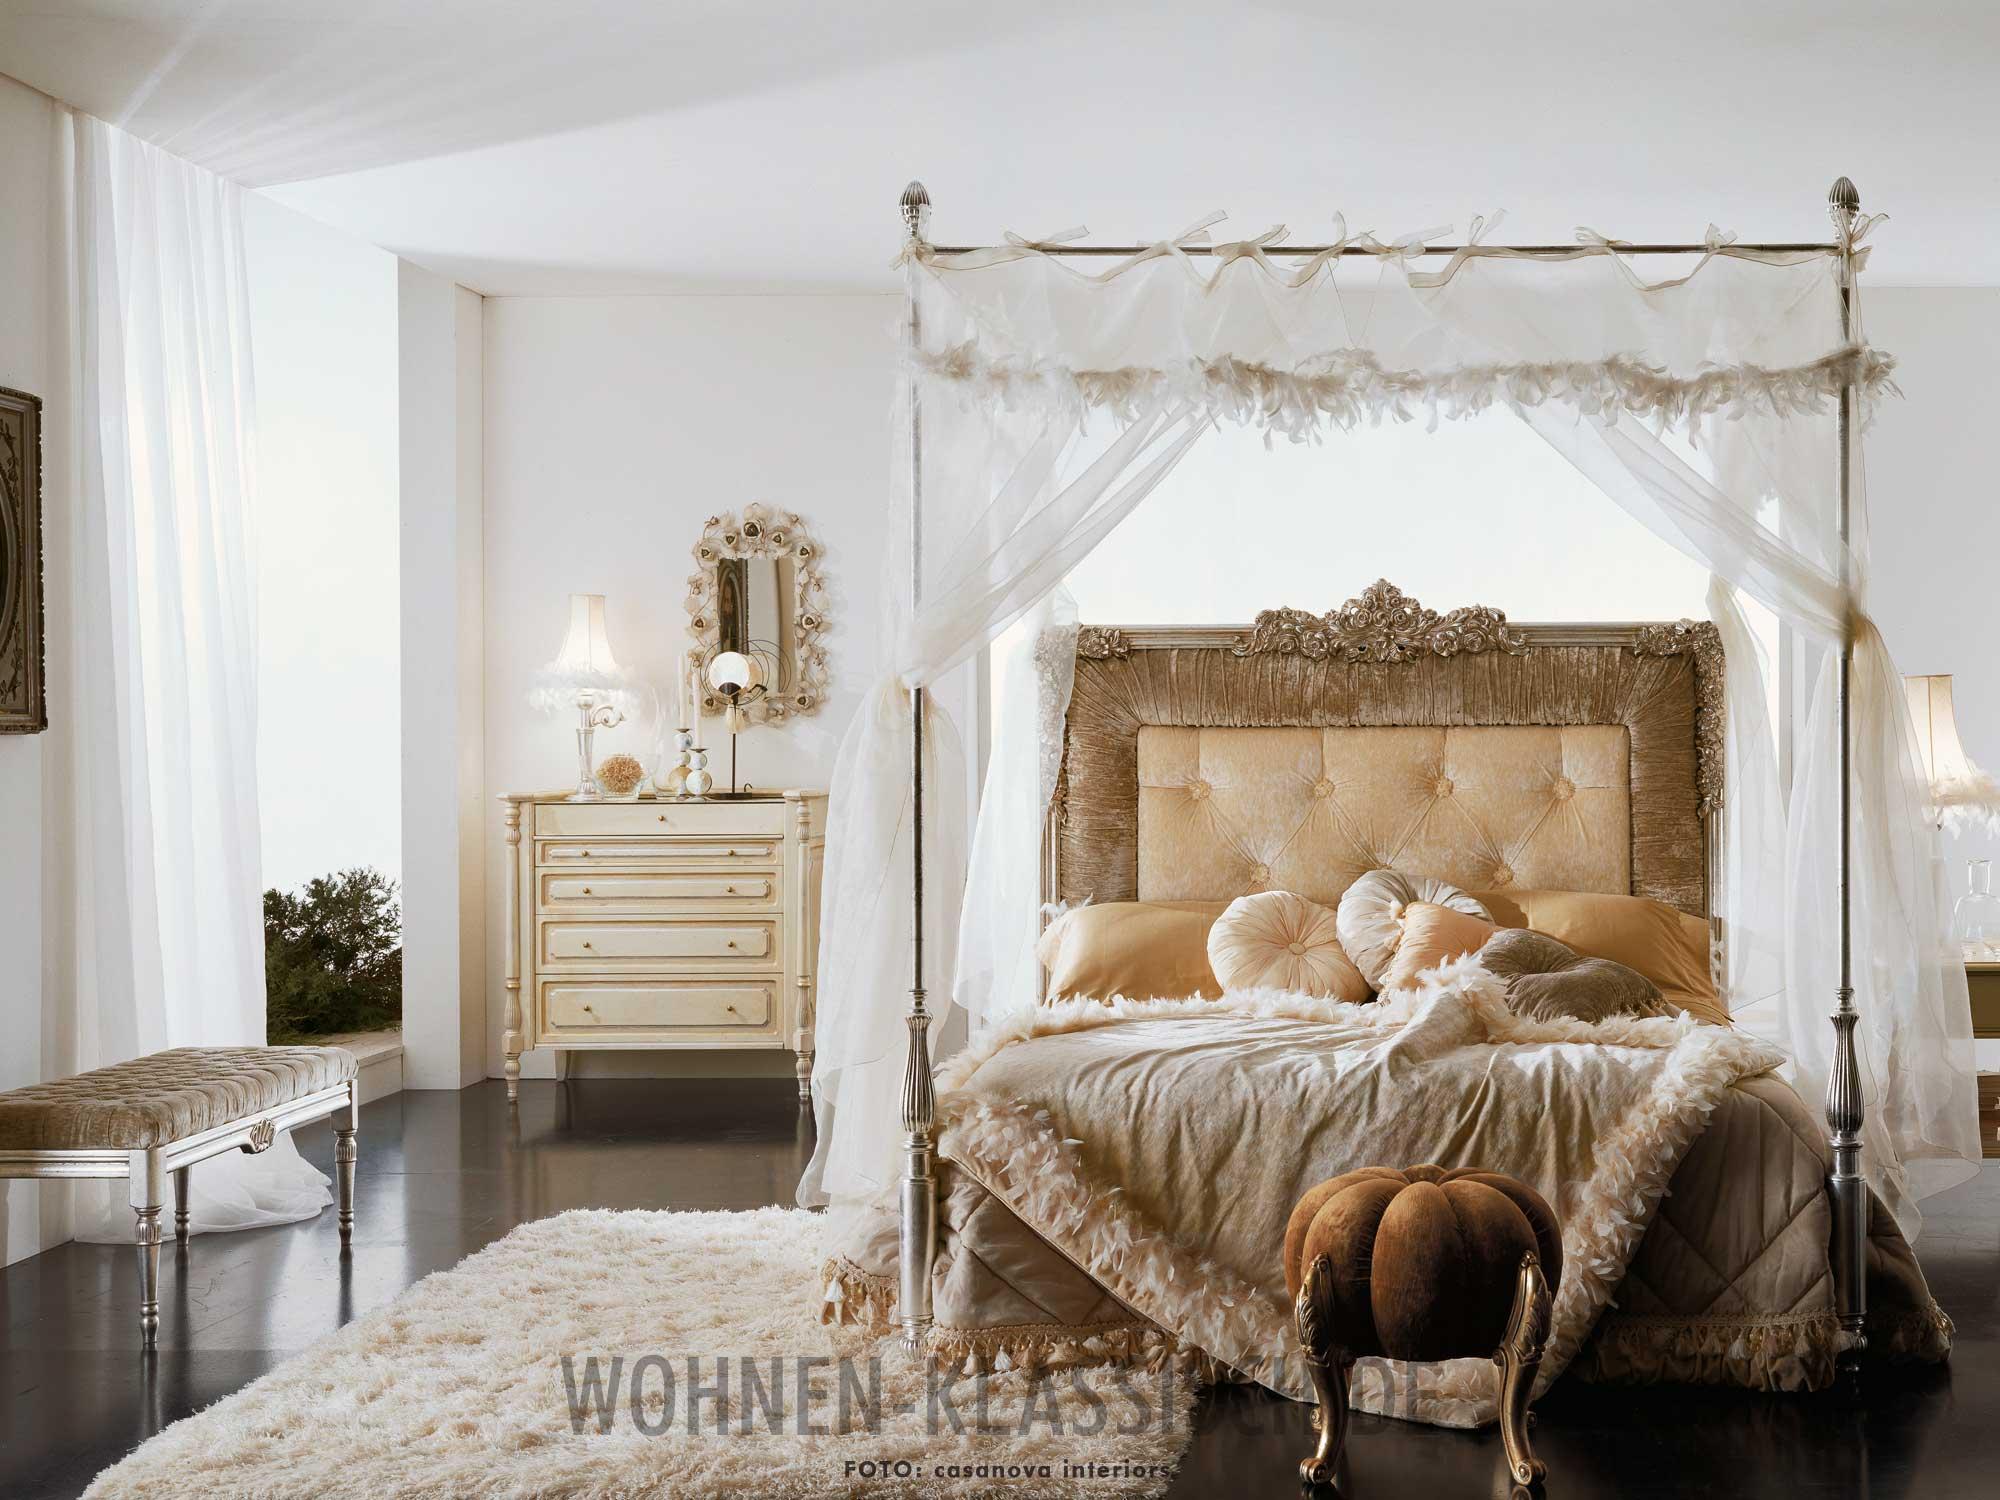 himmlisch majest tisch klassisch wohnen. Black Bedroom Furniture Sets. Home Design Ideas